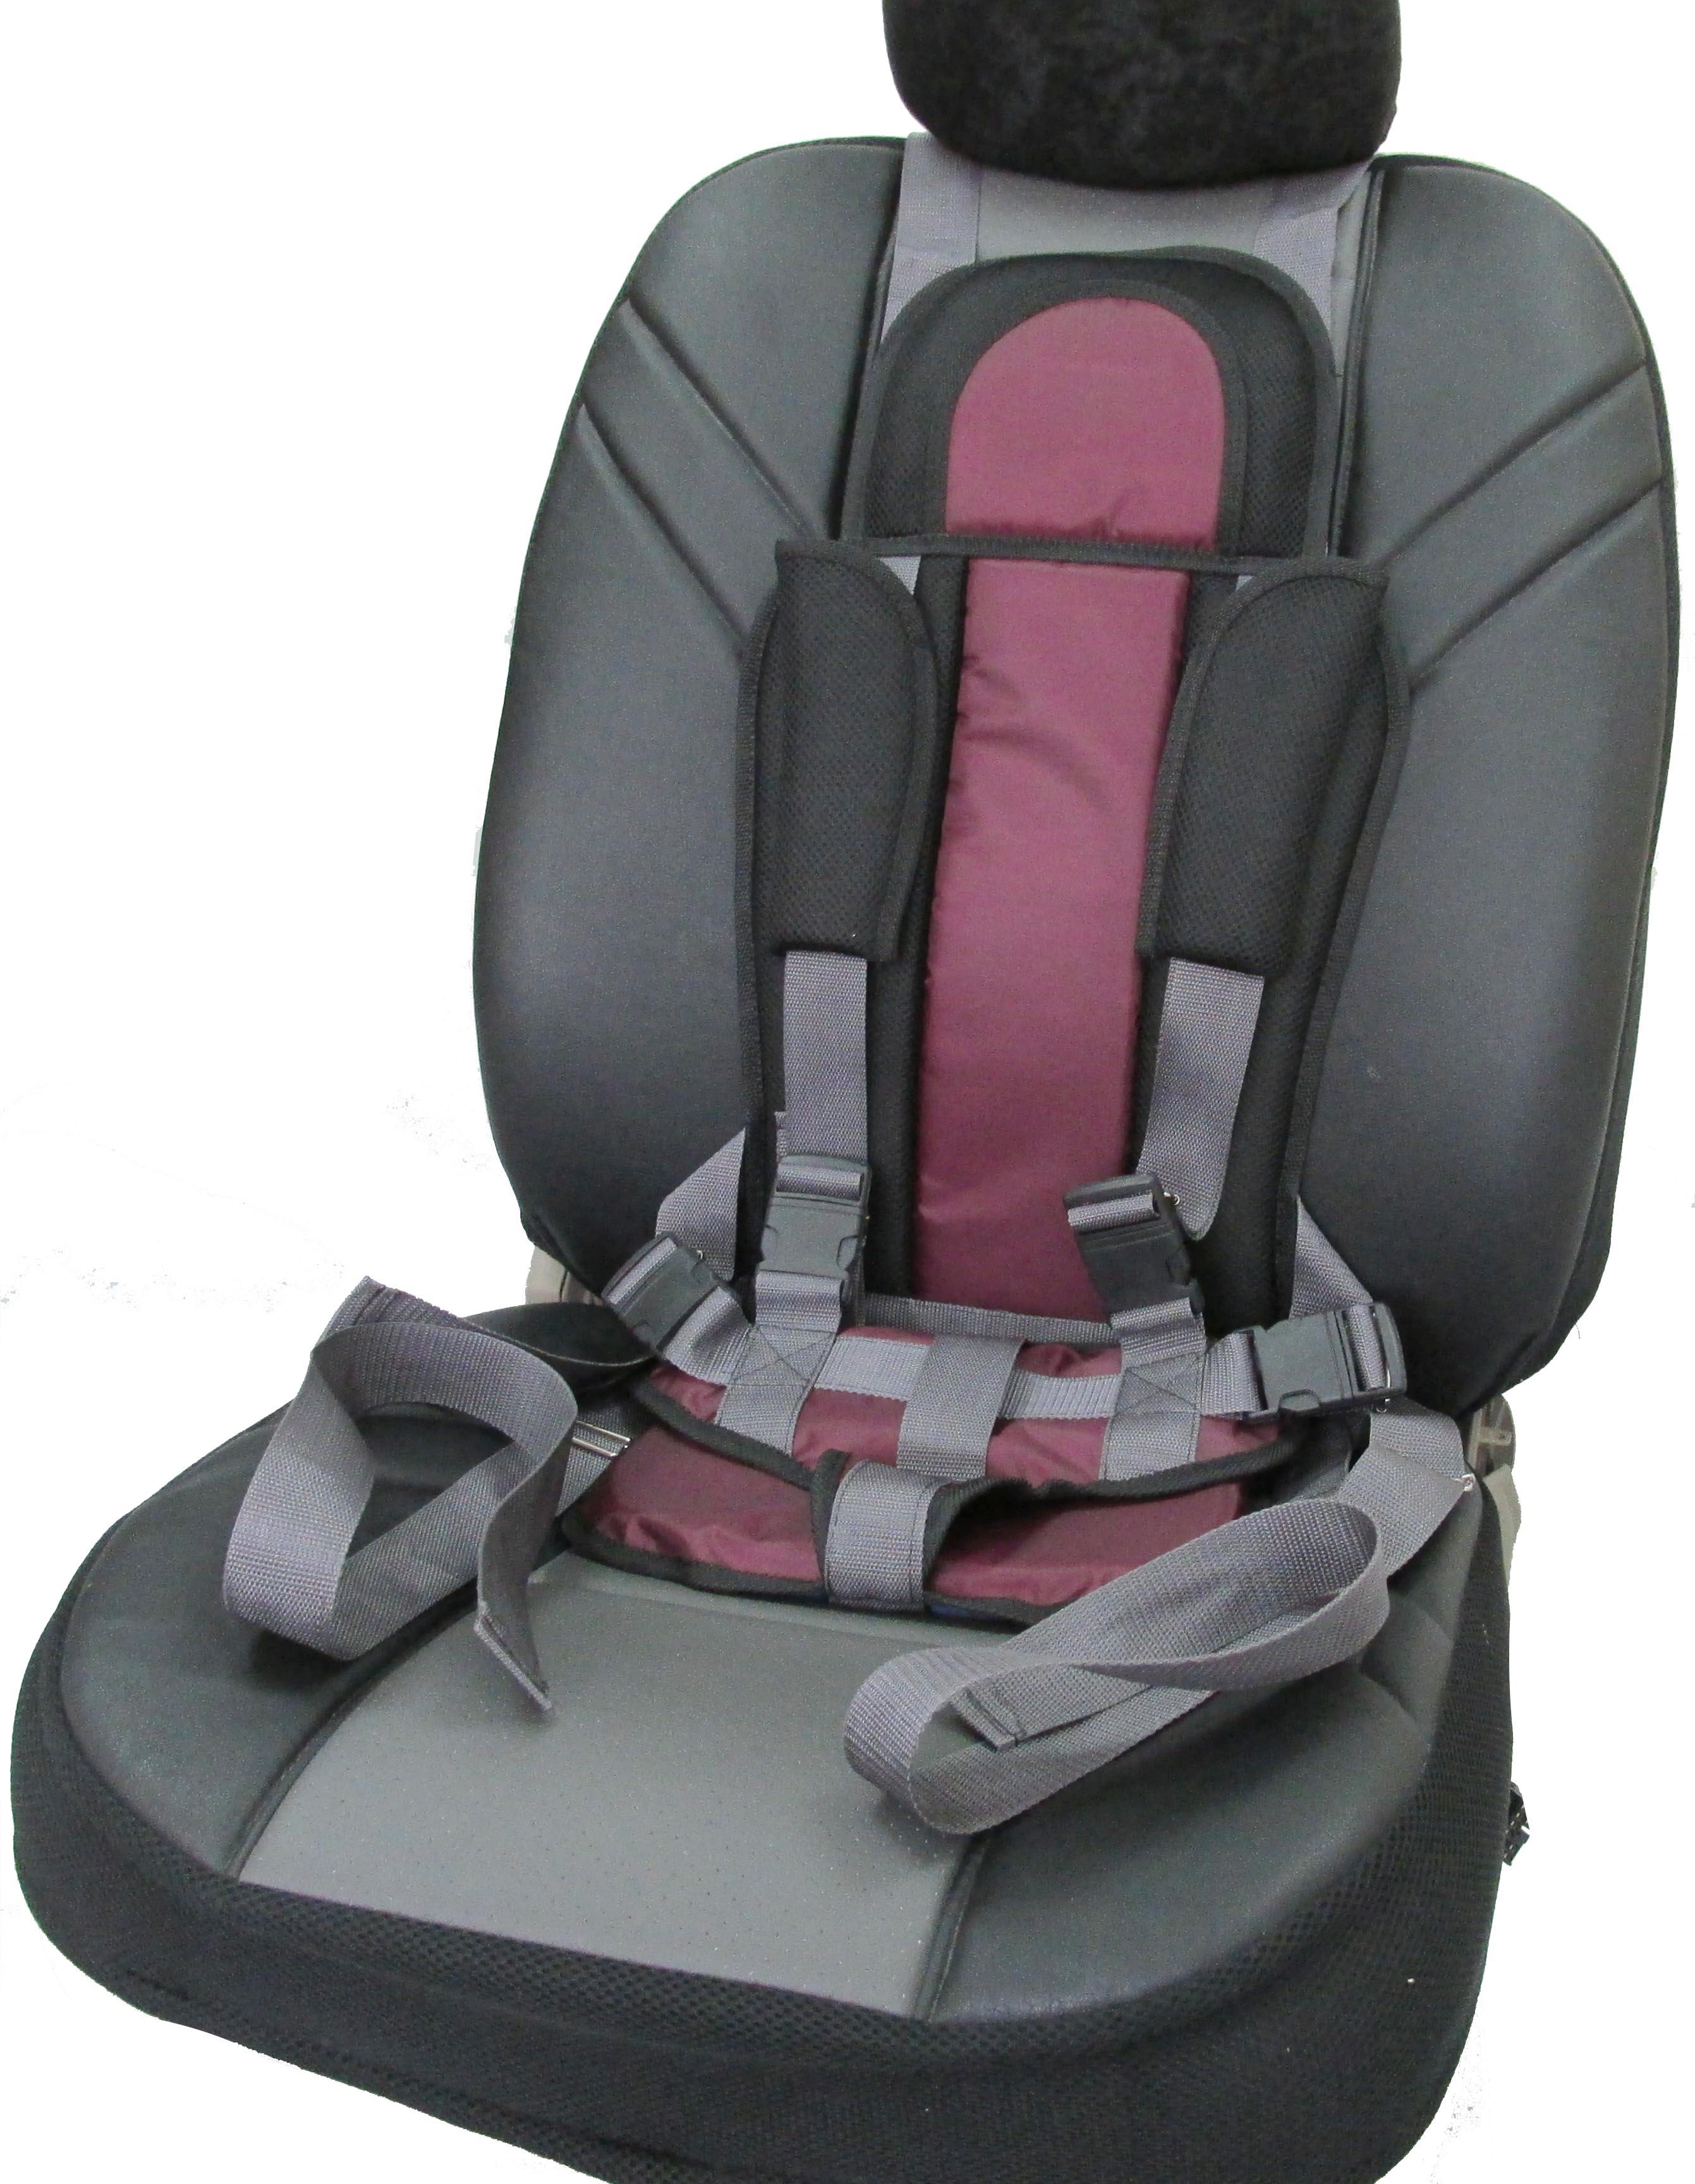 Сбор заказов. Бескаркасные автокресла, бустеры, органайзеры на переднее сидение а/м, переноски, рюкзаки-переноски, сумки, чехлы, дождевики, сетки на коляски и санки, конверты и еще много всего полезного и нужного.